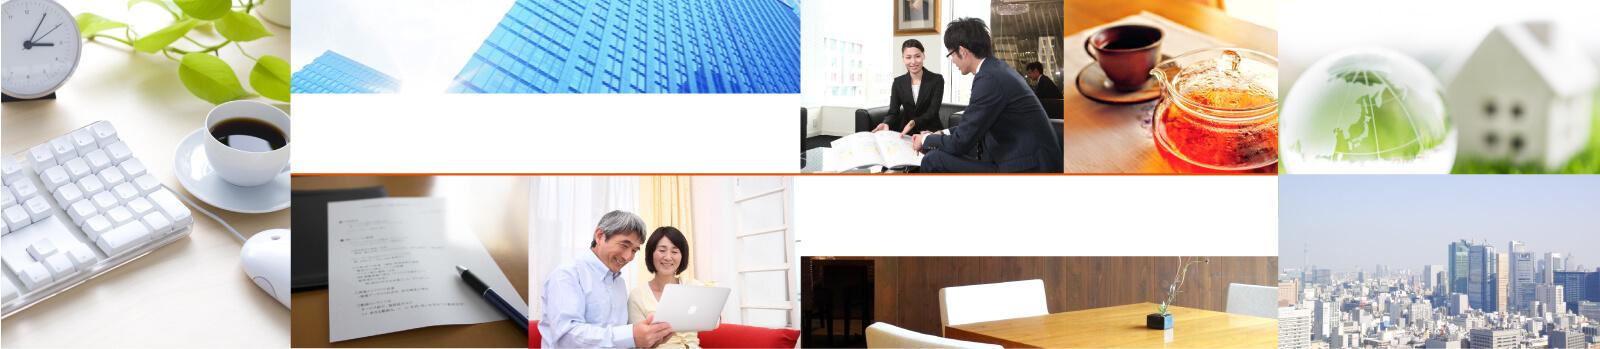 東京で賃貸保証のサービスのご利用は【株式会社アドヴェント】で